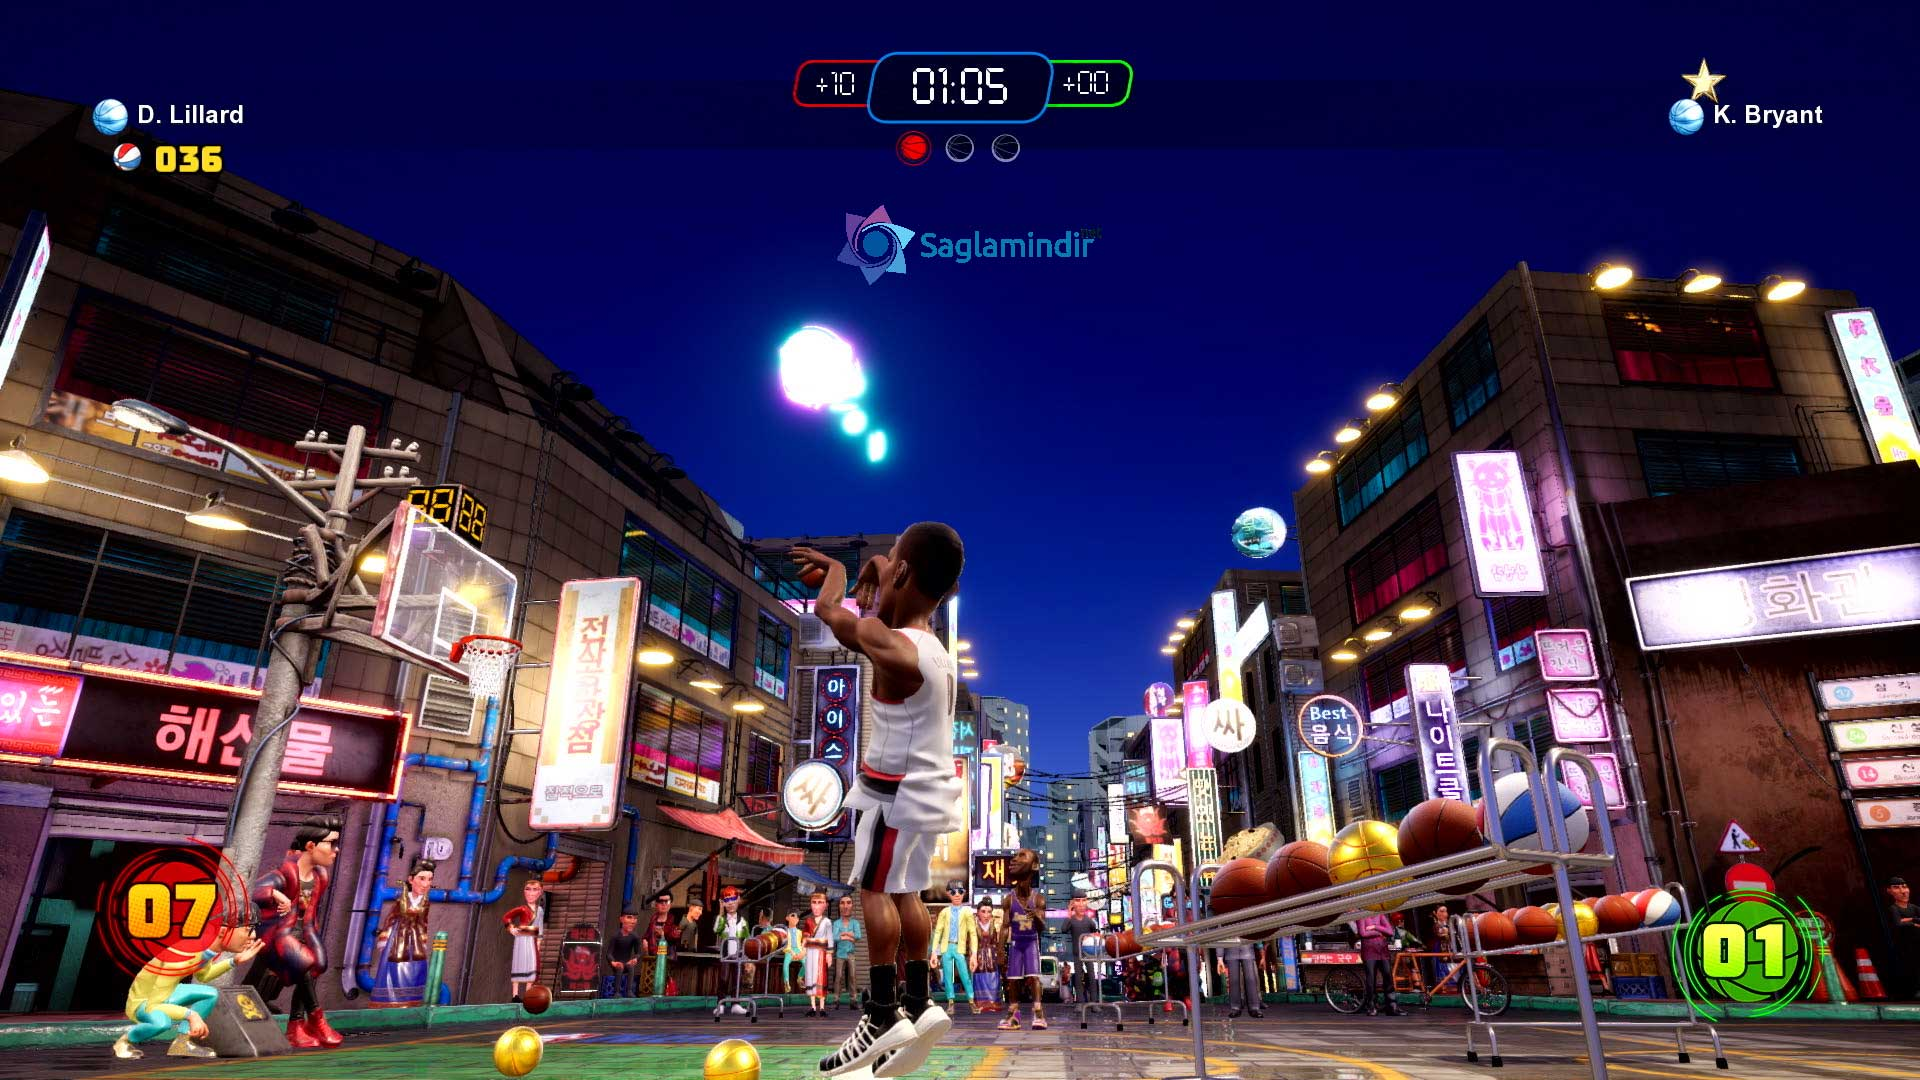 NBA 2K Playgrounds 2 saglamindir